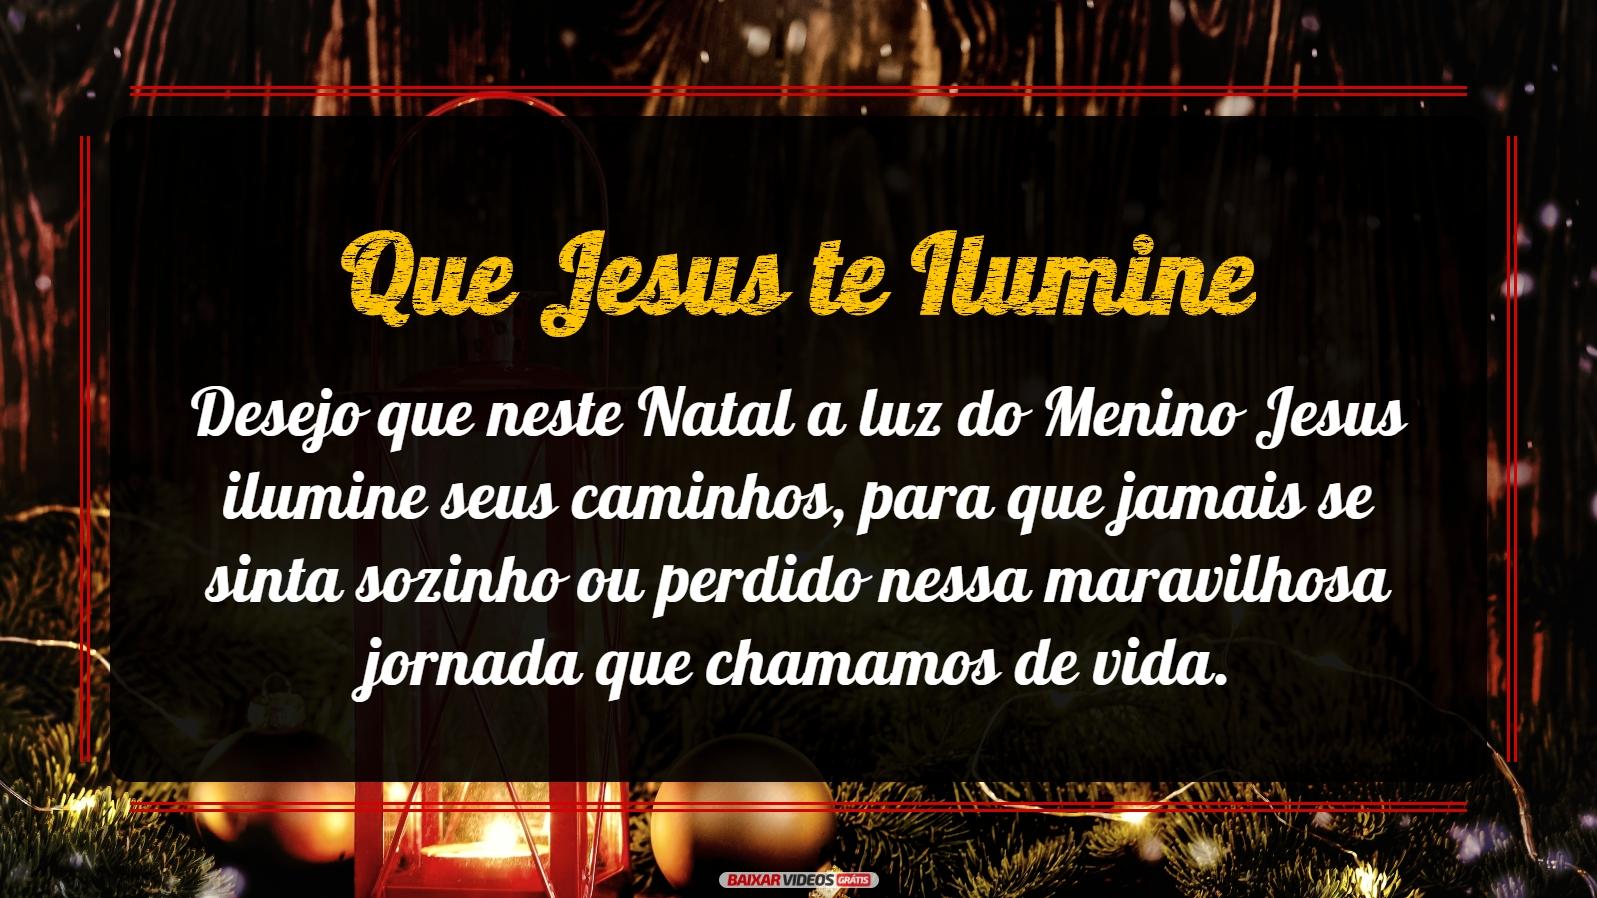 Mensagem De Natal Desejo Que Jesus Ilumine Seus Caminhos